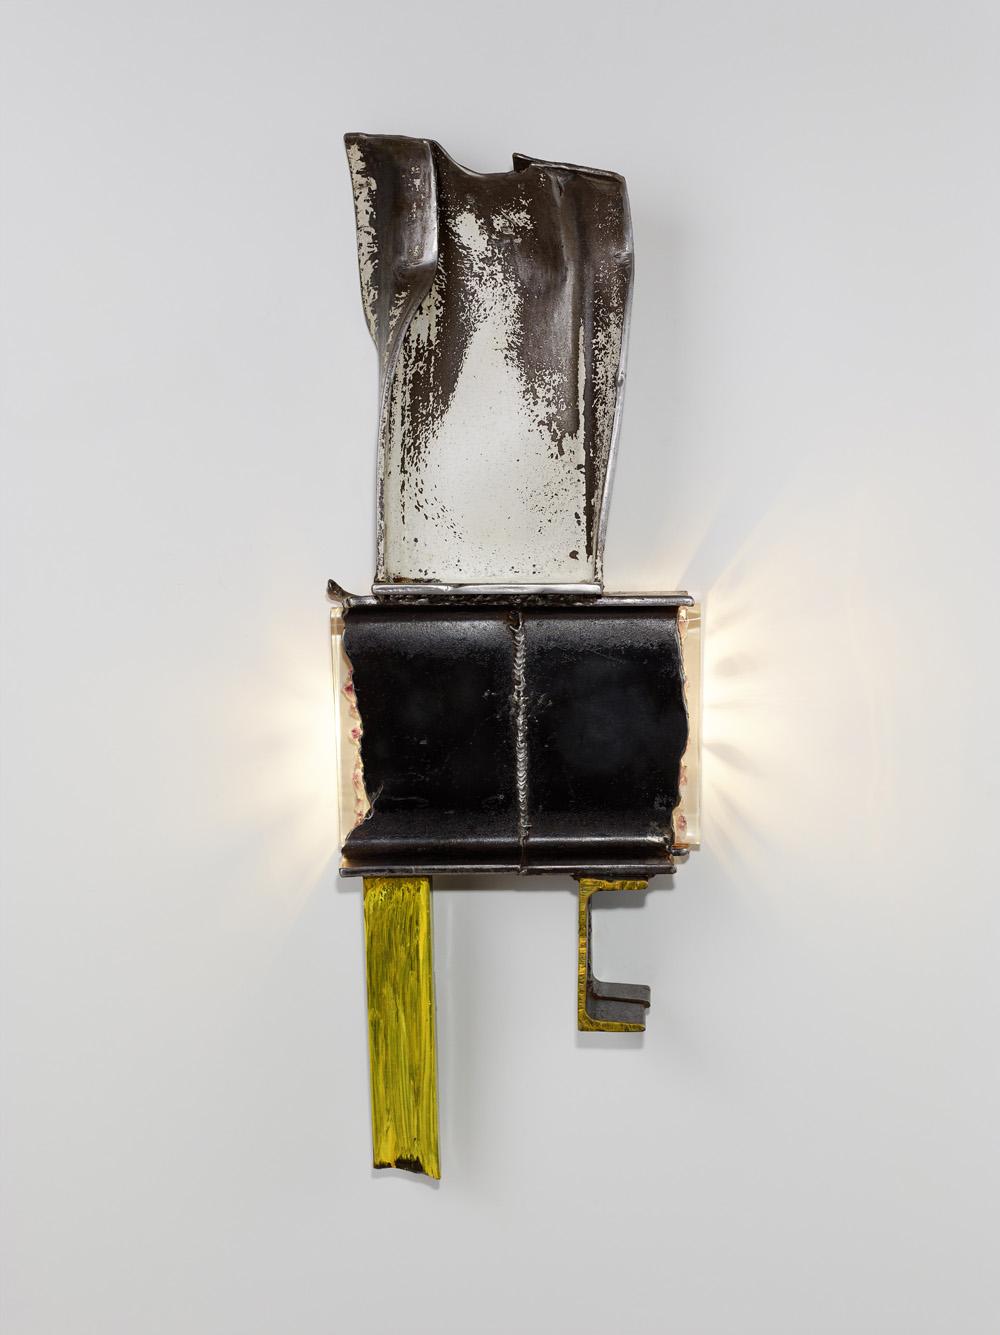 Philippe Bresson 2014, Luminaire VI